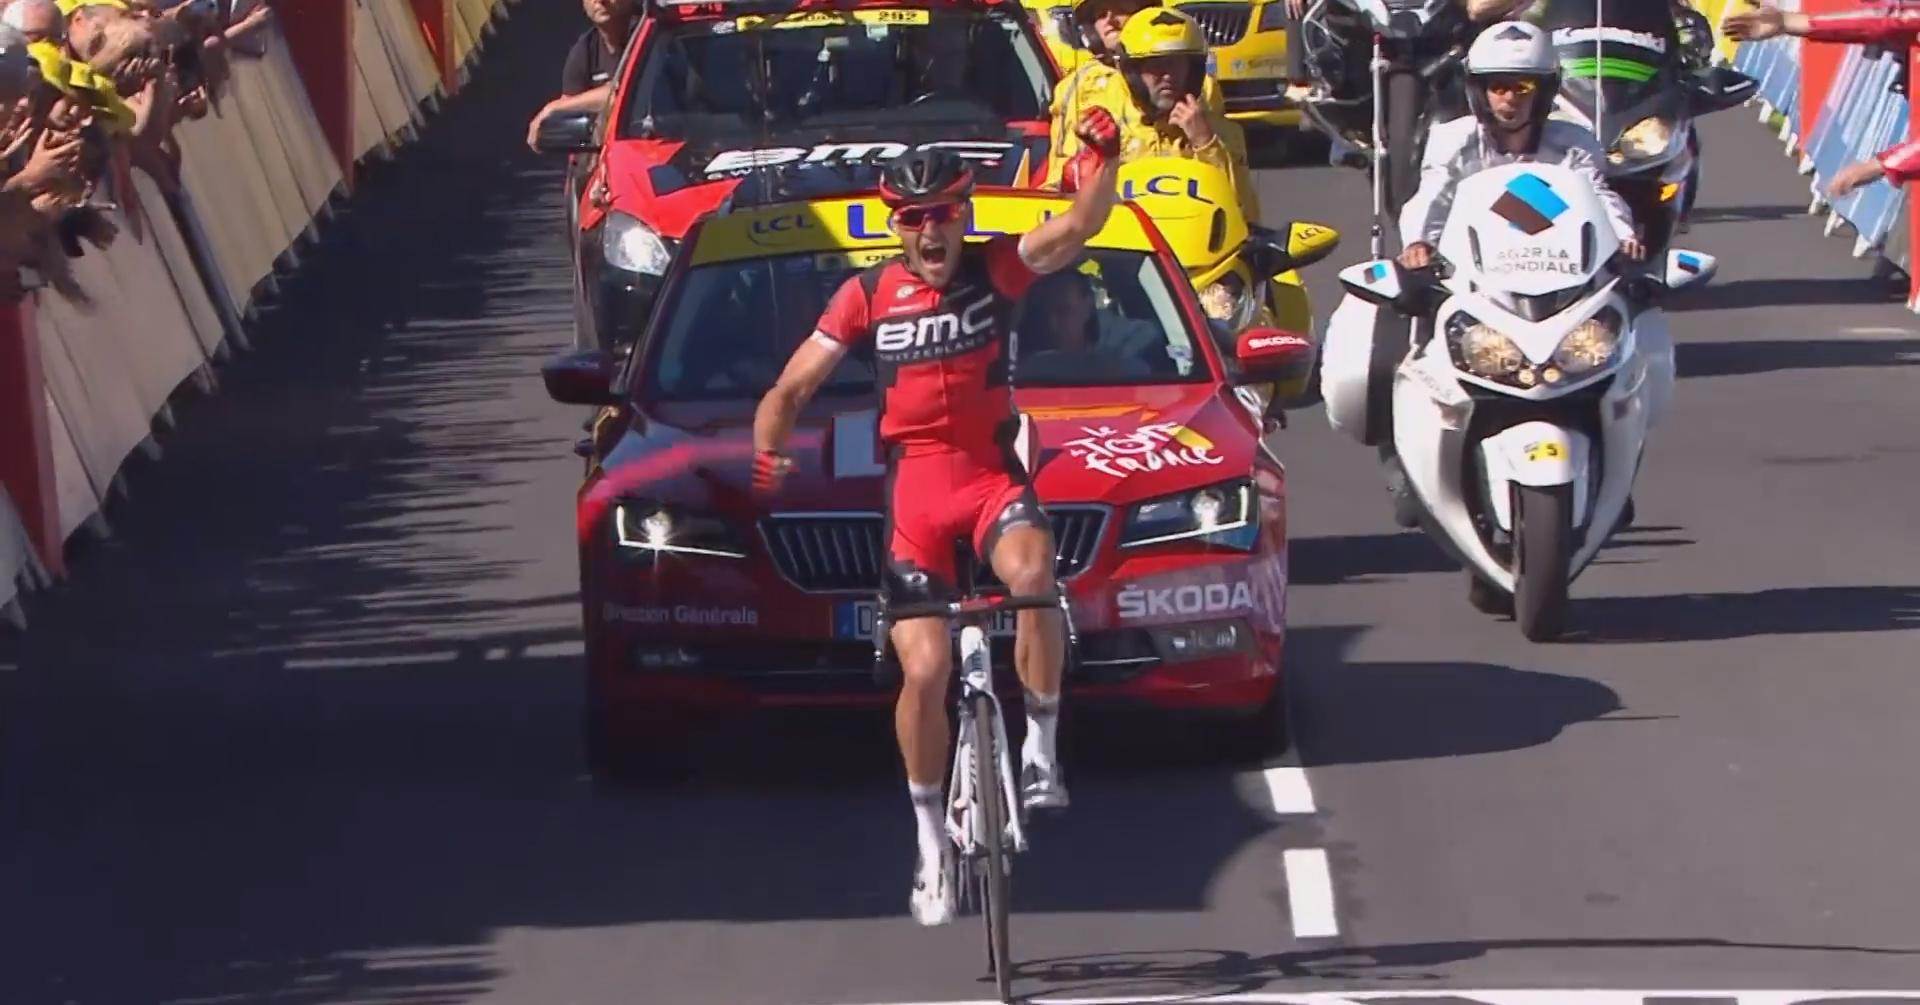 cb859bfc0f4a5 Prvú kopcovitú etapu ovládol Belgičan Greg van Avermaet, Sagan ...